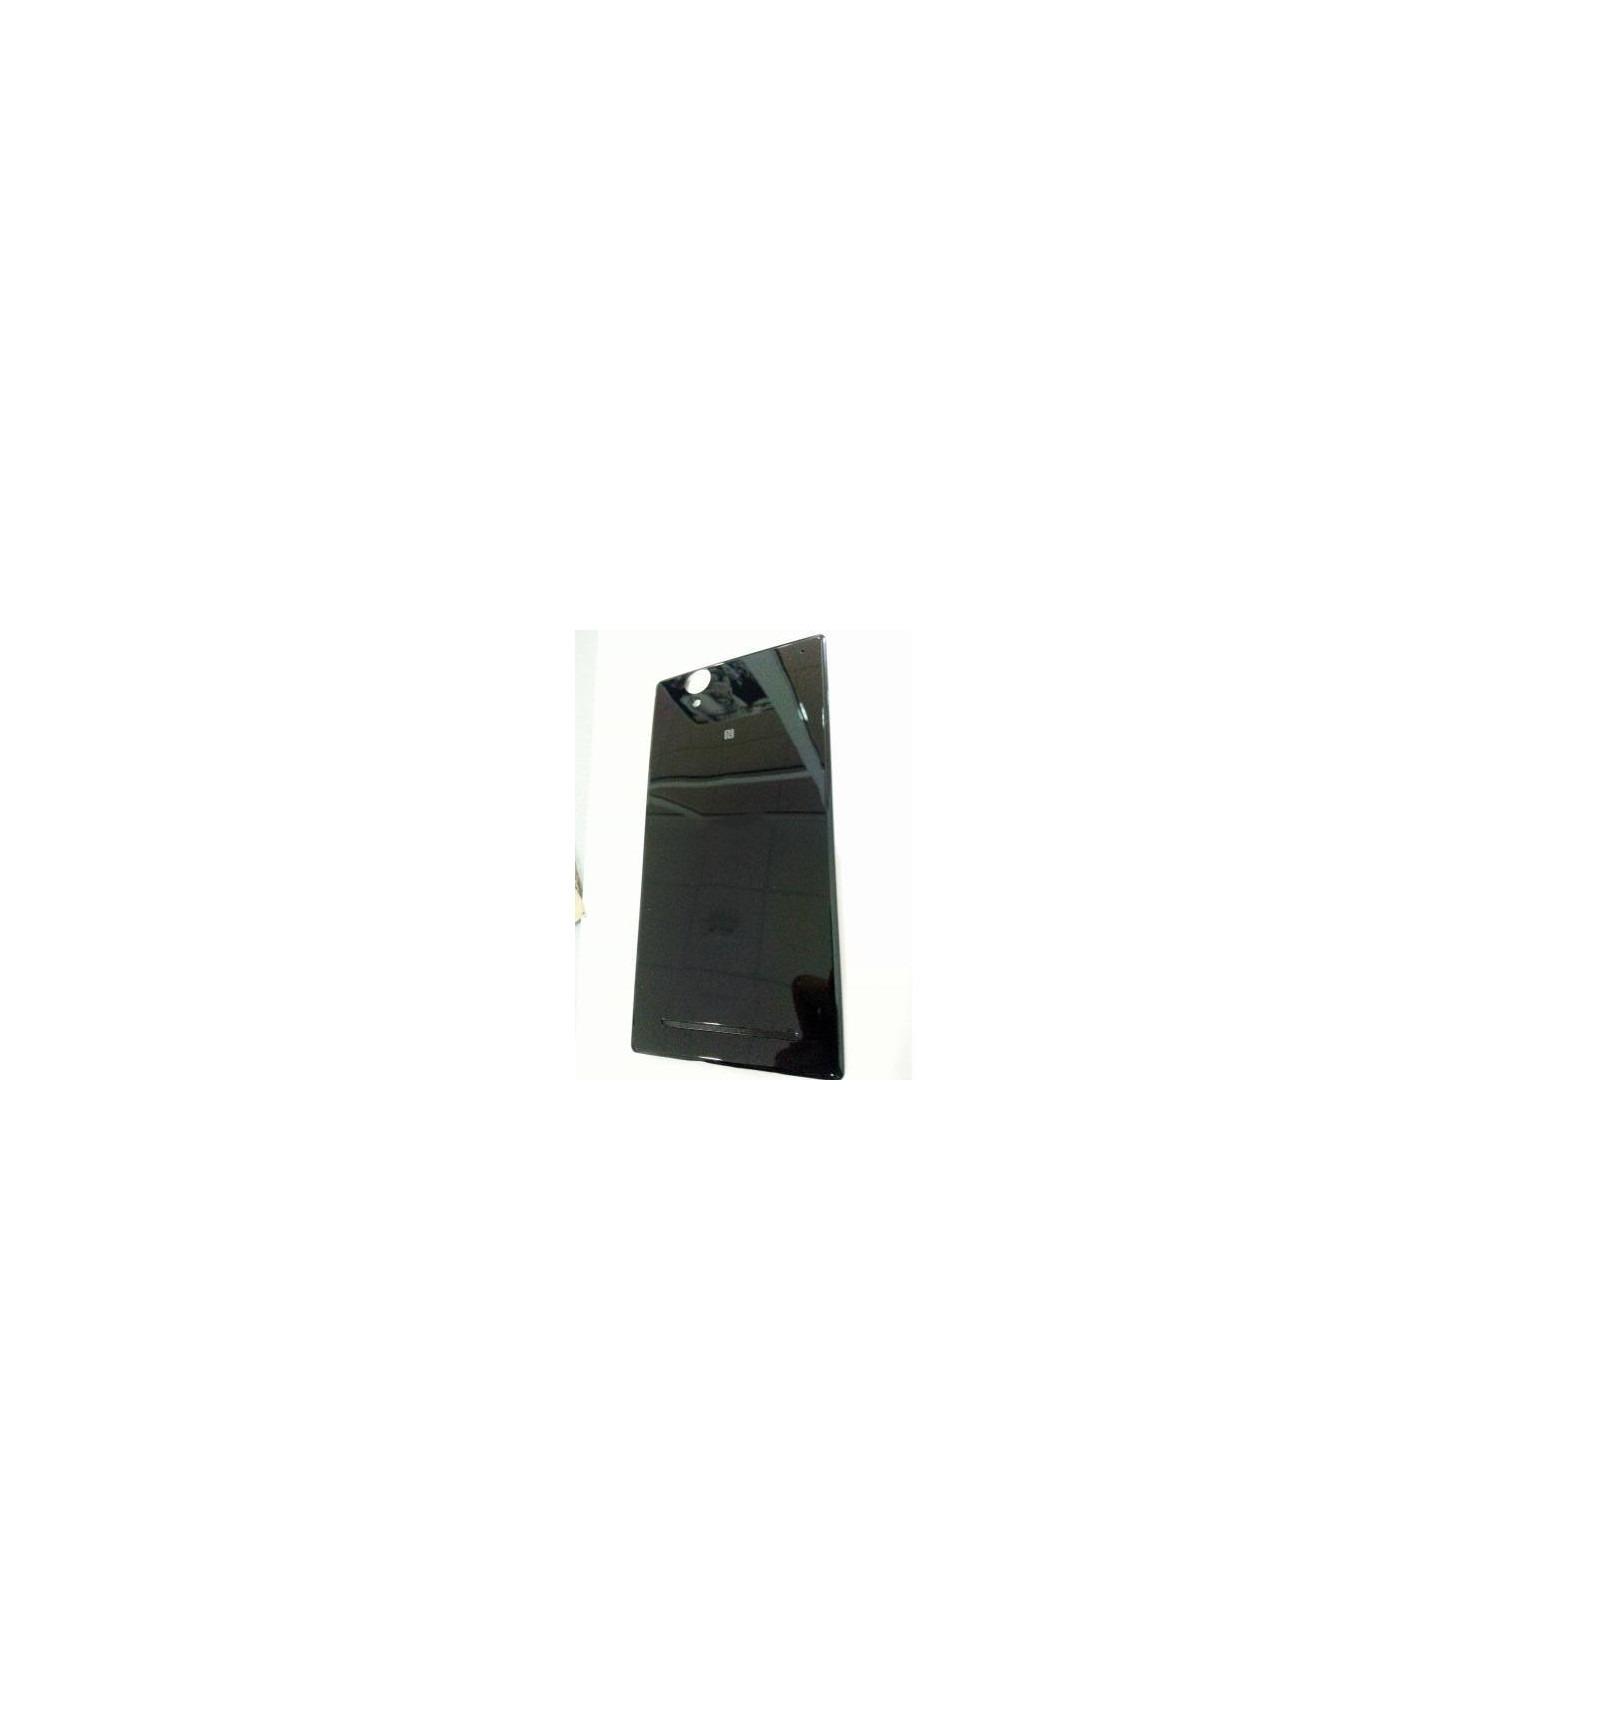 Sony Xperia T2 Ultra D5322 T2u Xm50h Black Battery Cover Baterai Agpb012 A001